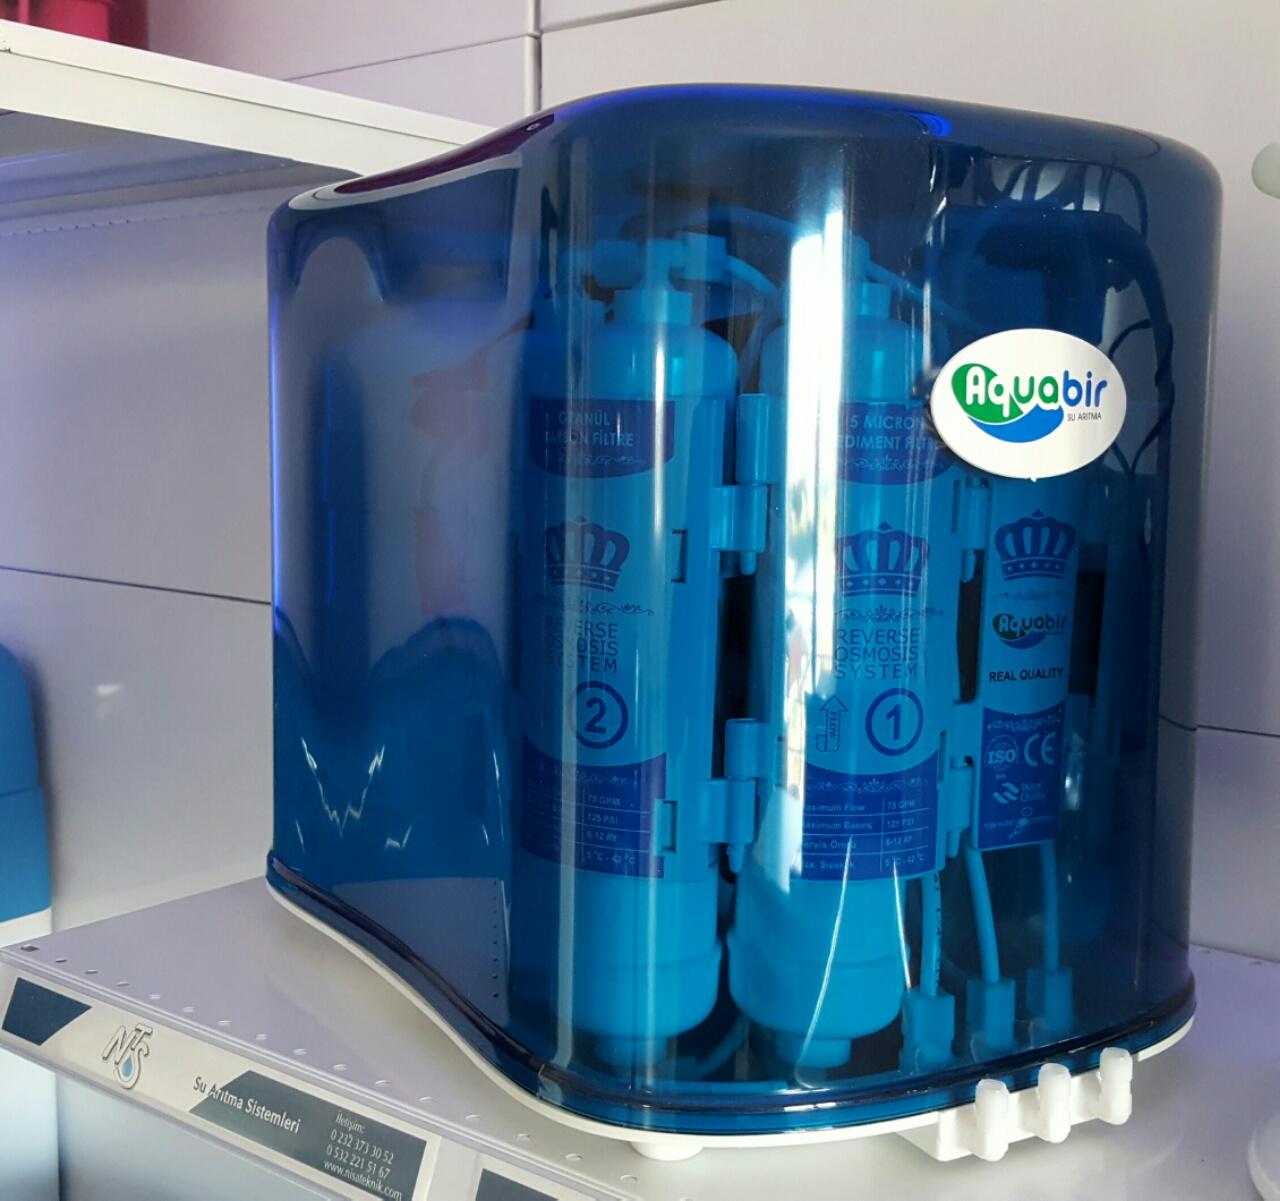 AquaBir Su Arıtma Cihazı